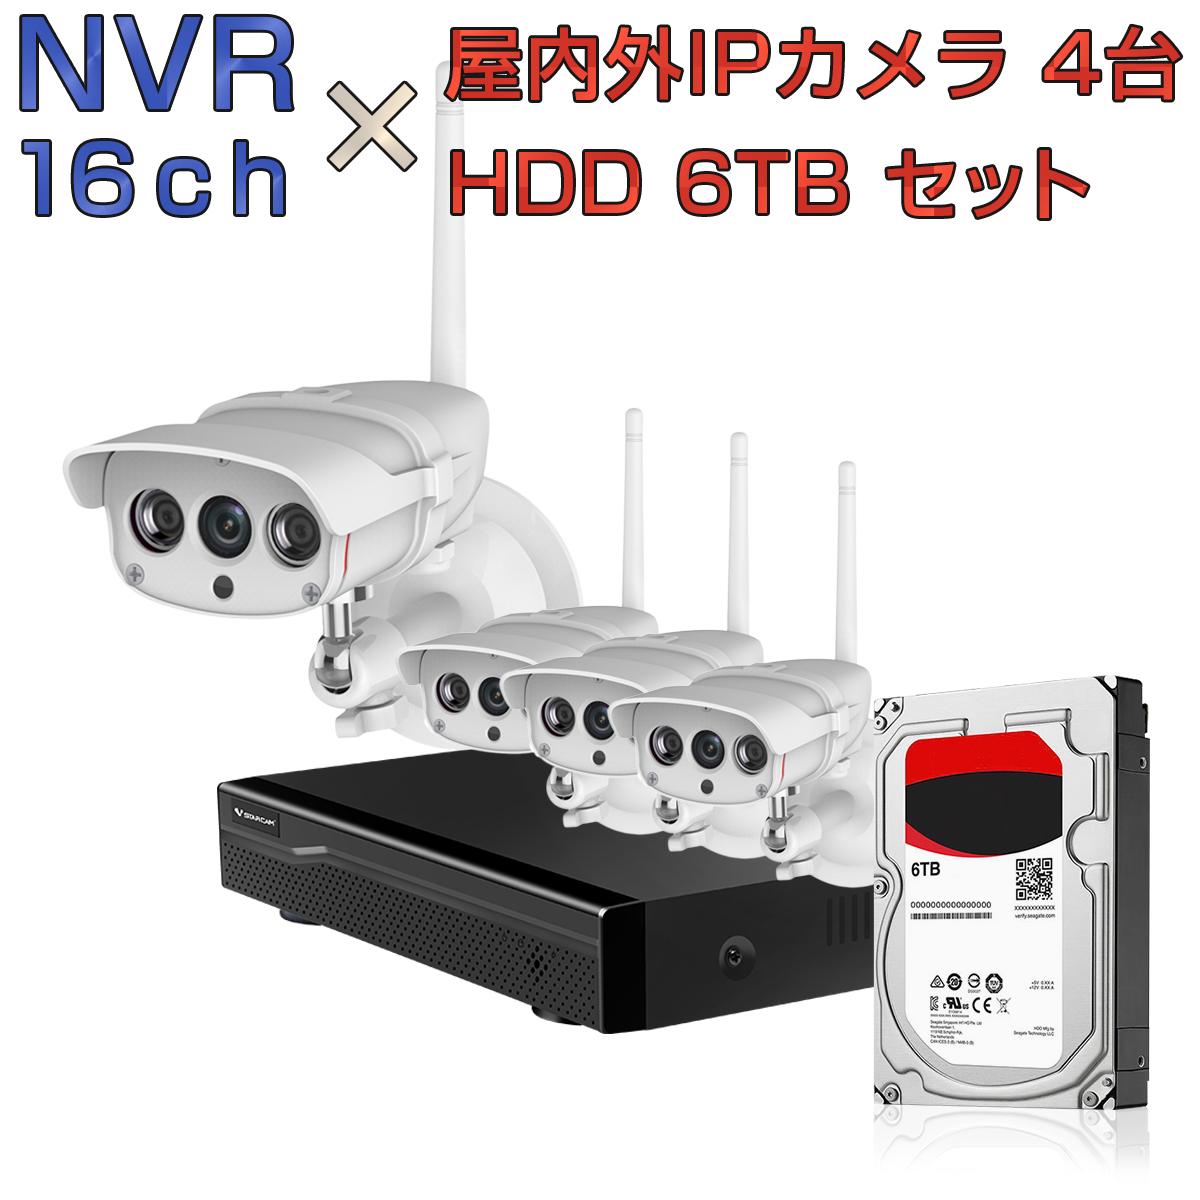 NVR ネットワークビデオレコーダー 16ch HDD6TB内蔵 C16S 2K 1080p 200万画素カメラ 4台セット IP ONVIF形式 スマホ対応 遠隔監視 FHD 動体検知 同時出力 録音対応 H.265+ IPカメラレコーダー監視システム 6ヶ月保証 K&M